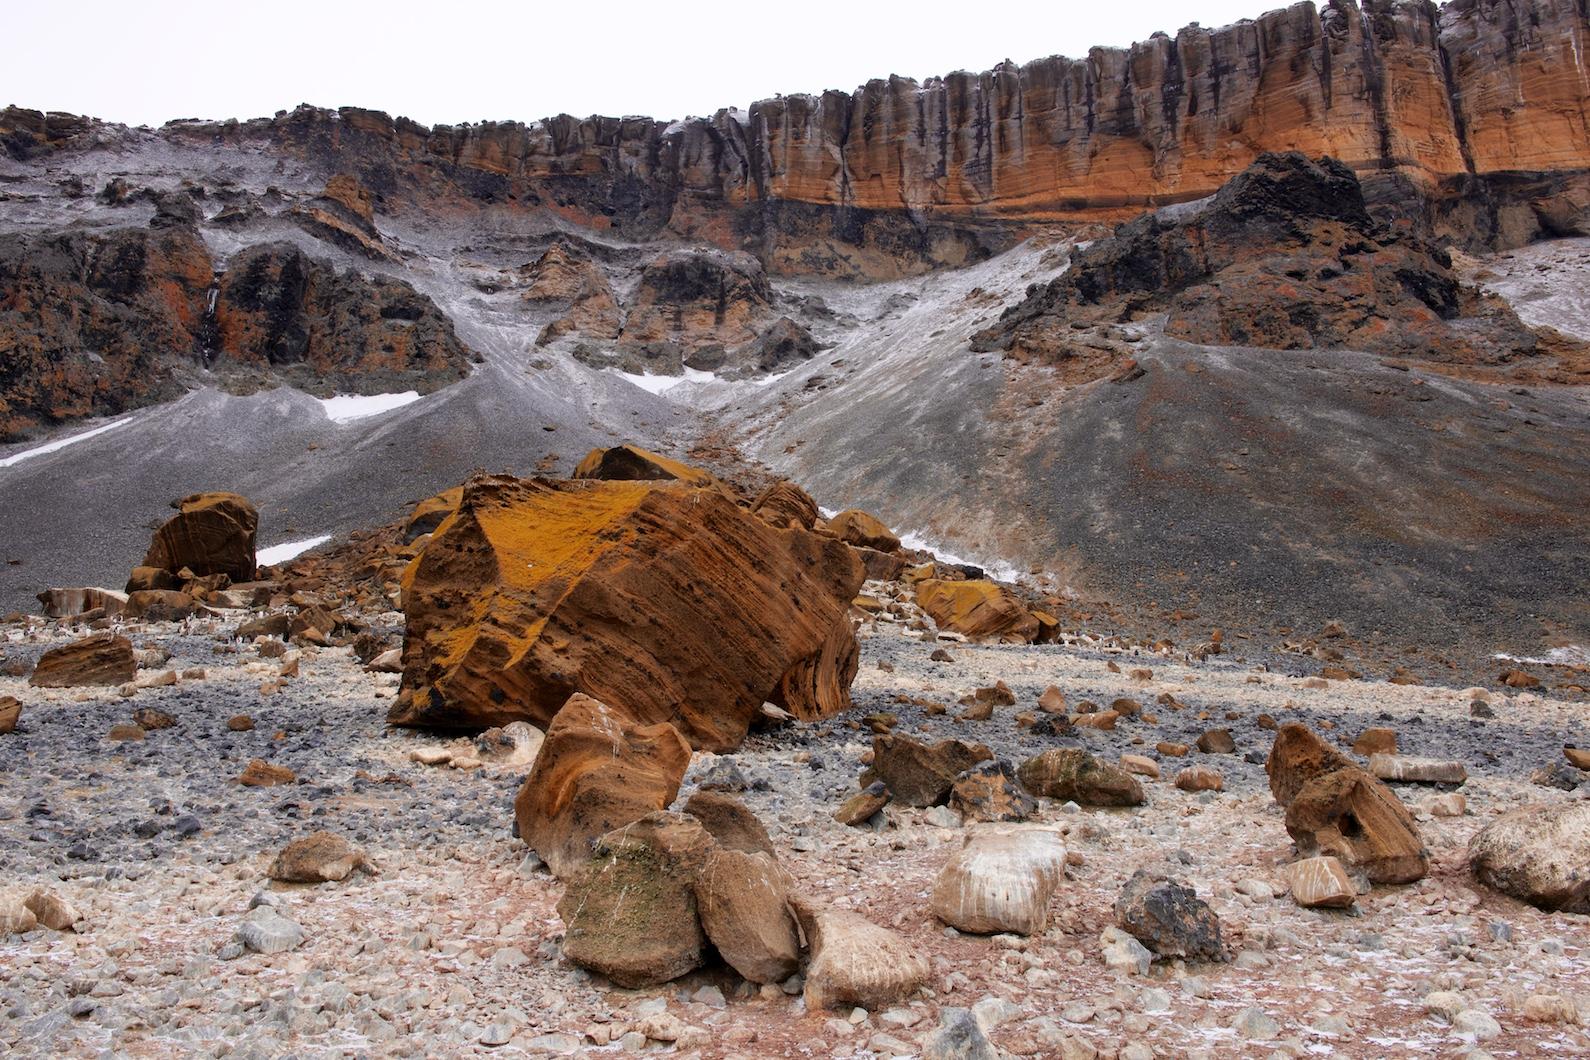 Interessante von Vulkanspuren durchsetzte Gesteinsschichtungen